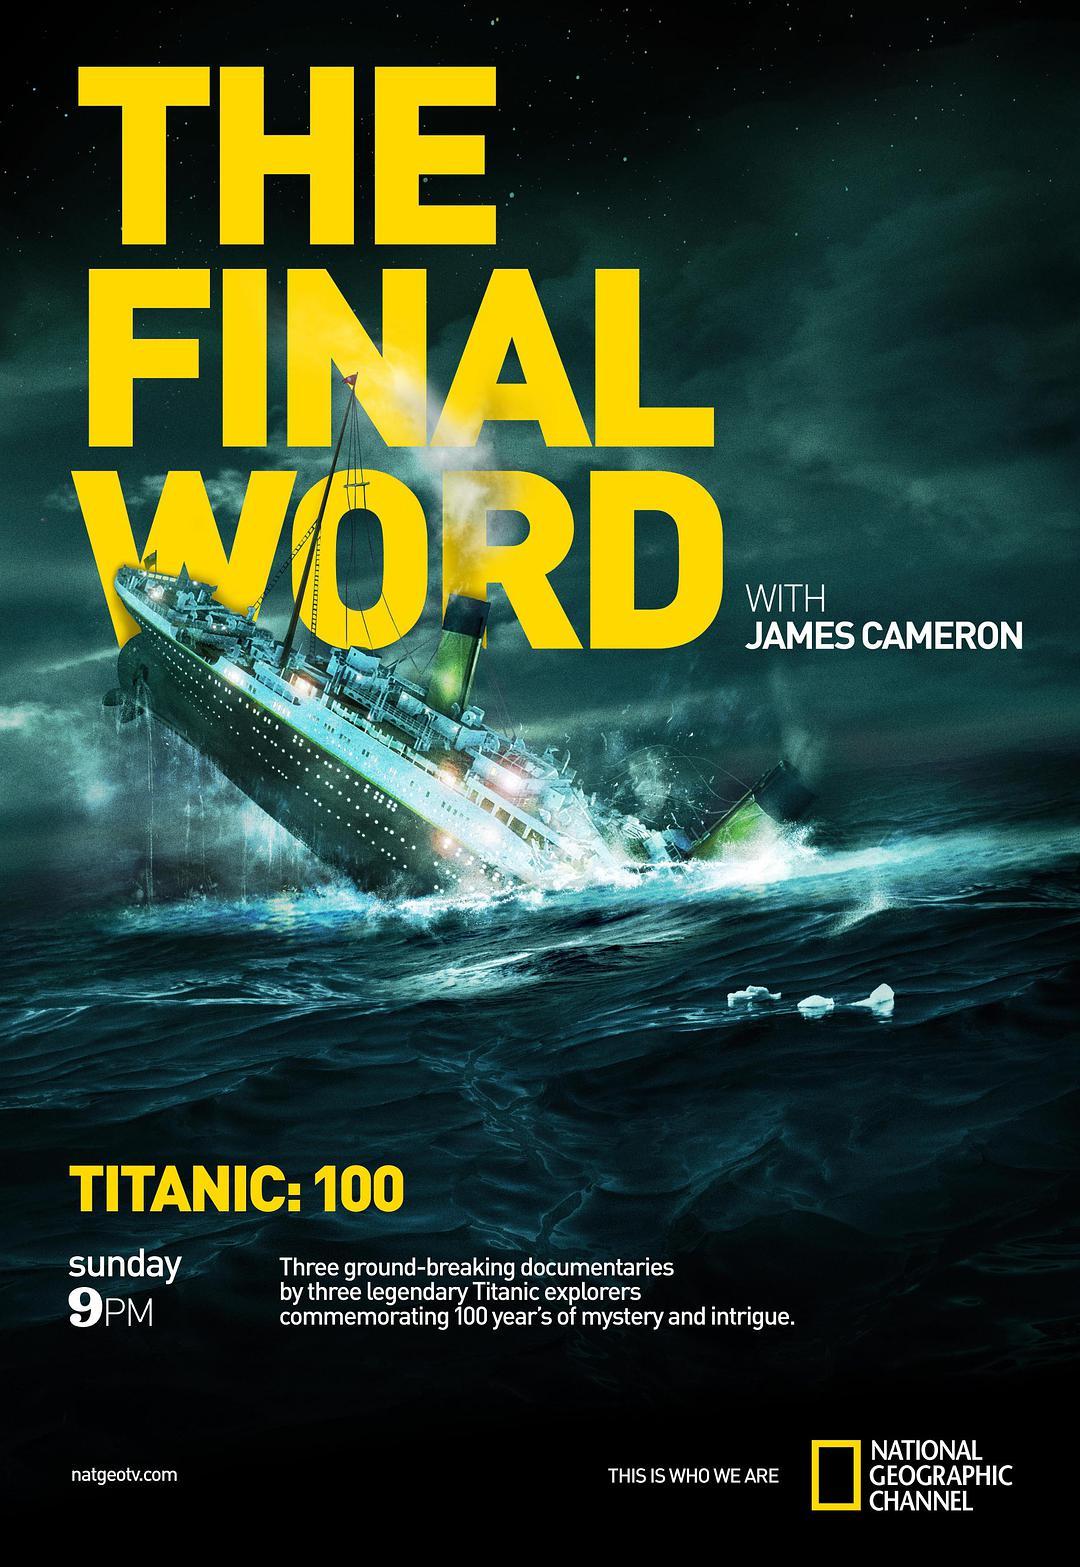 詹姆斯·卡梅隆:再见泰坦尼克